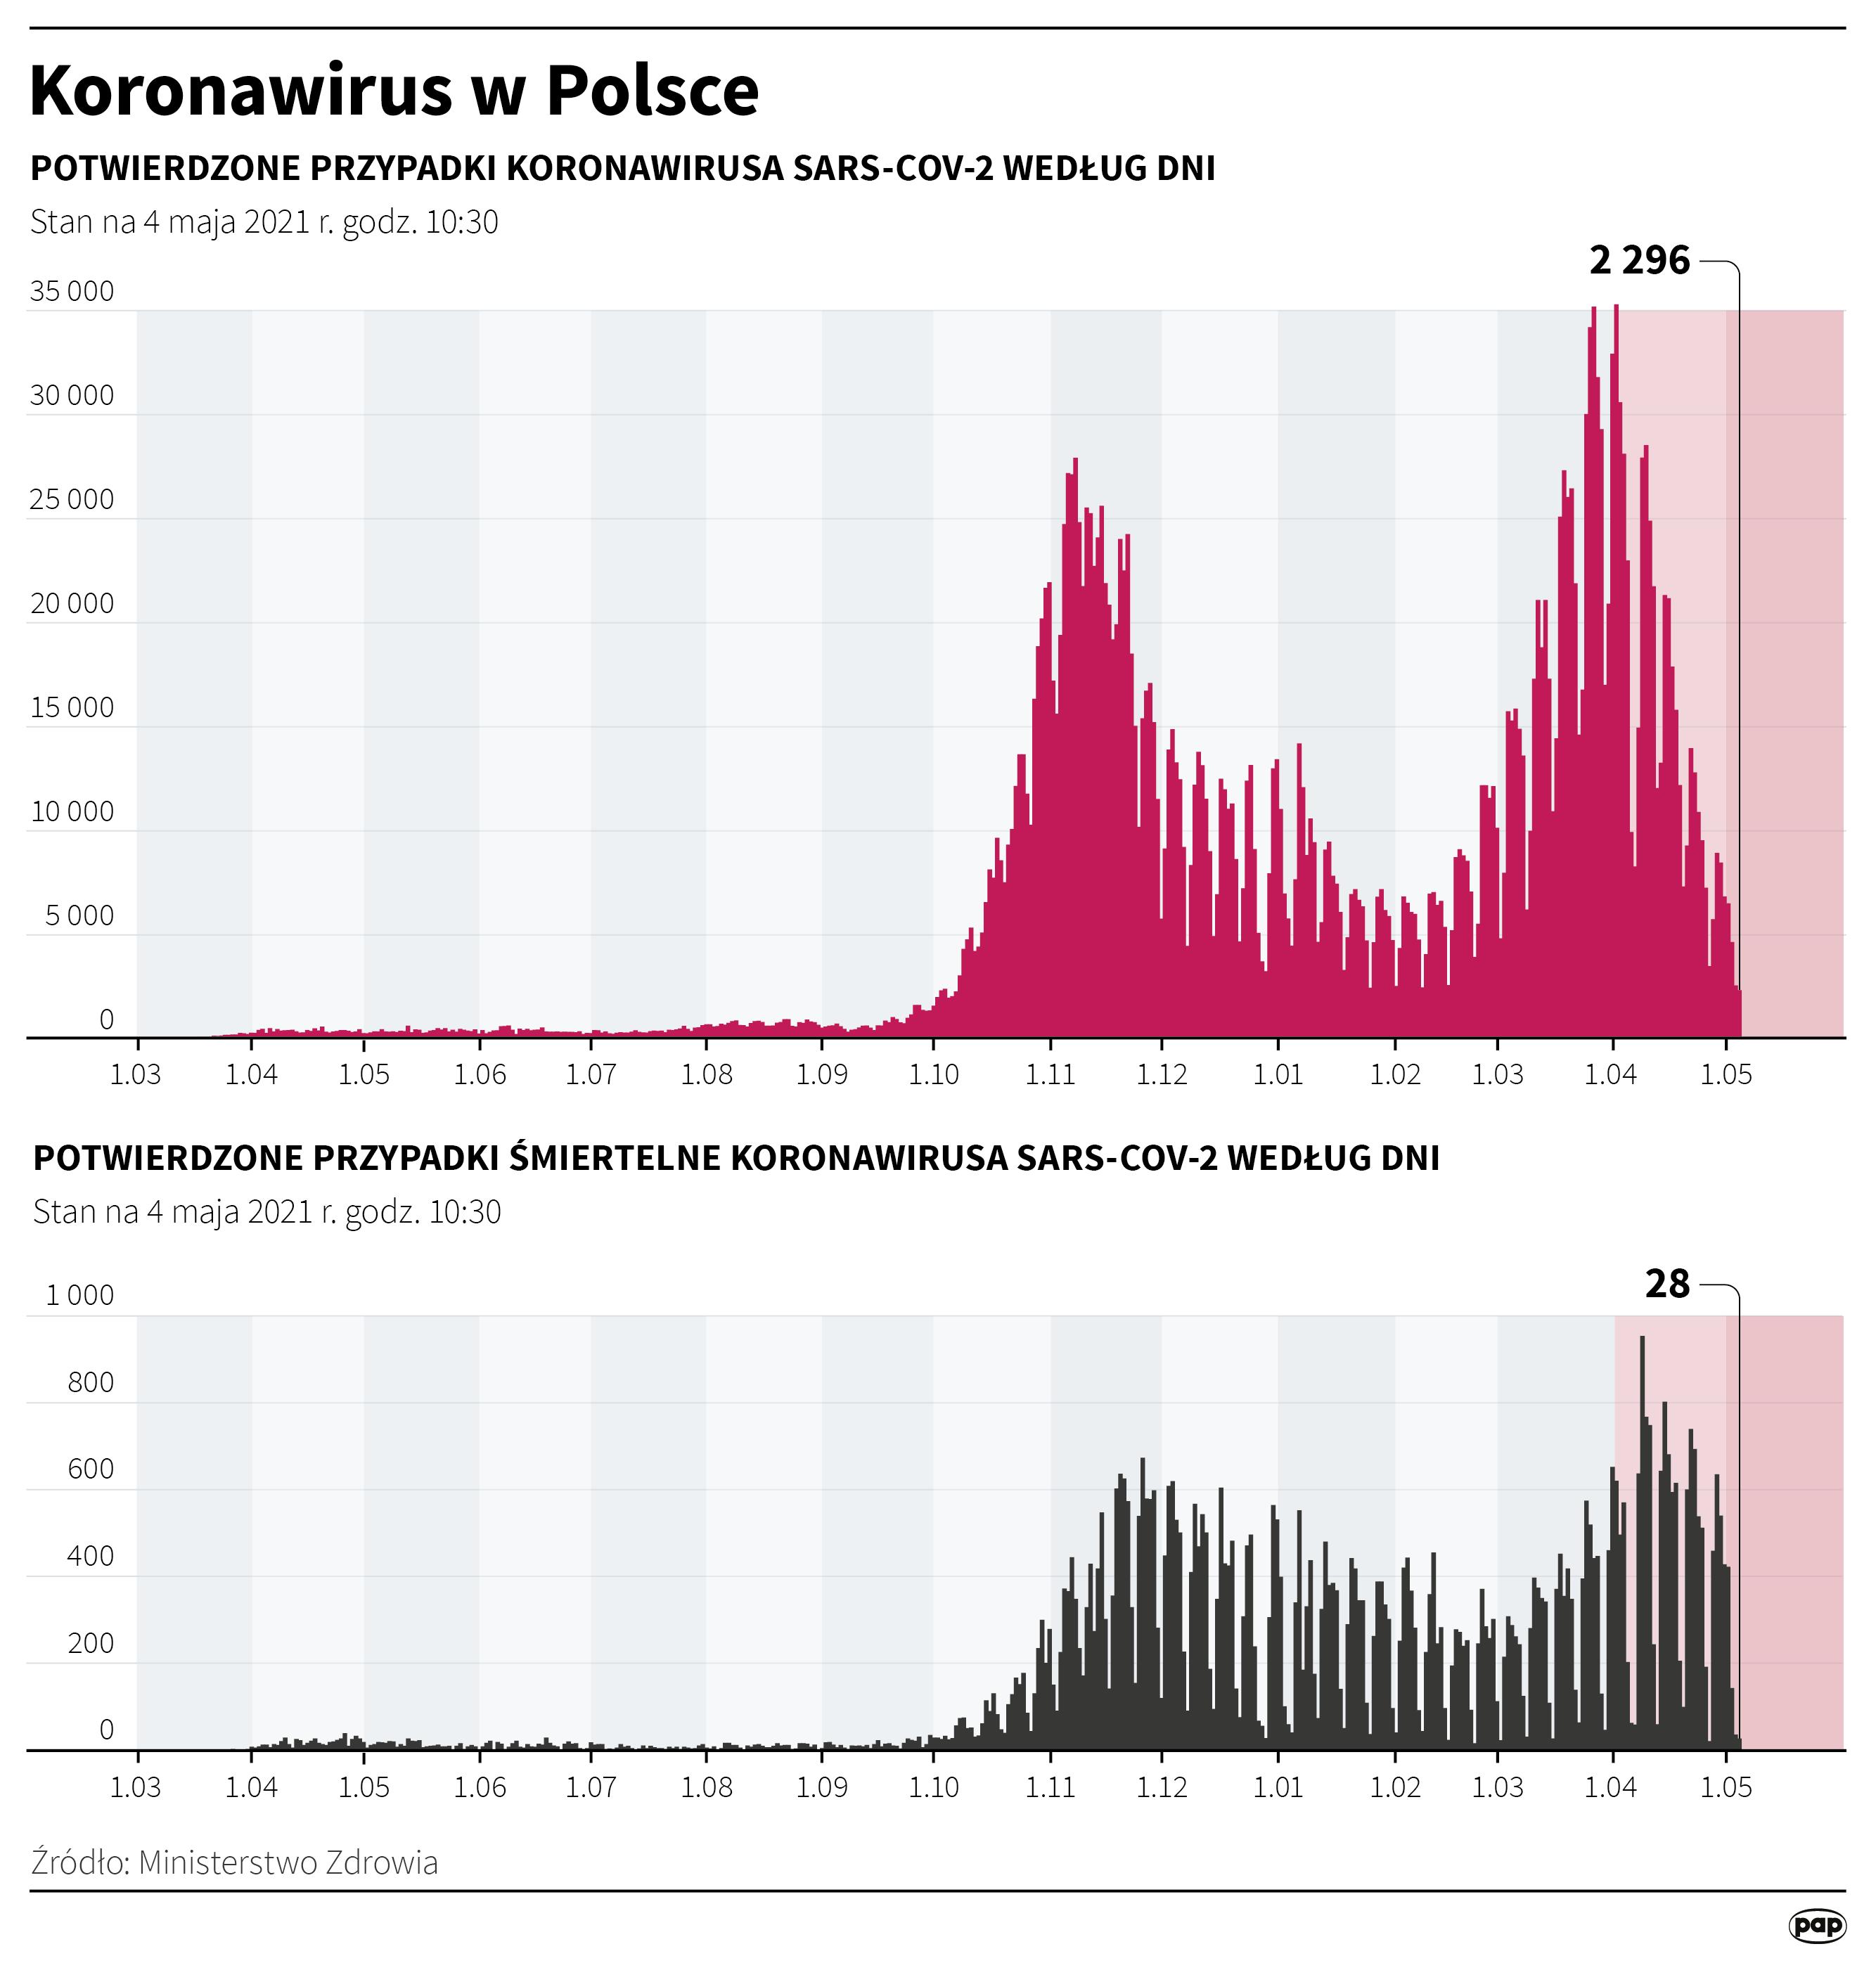 Koronawirus w Polsce stan na 4 maja [autor: Maciej Zieliński, źródło: PAP]